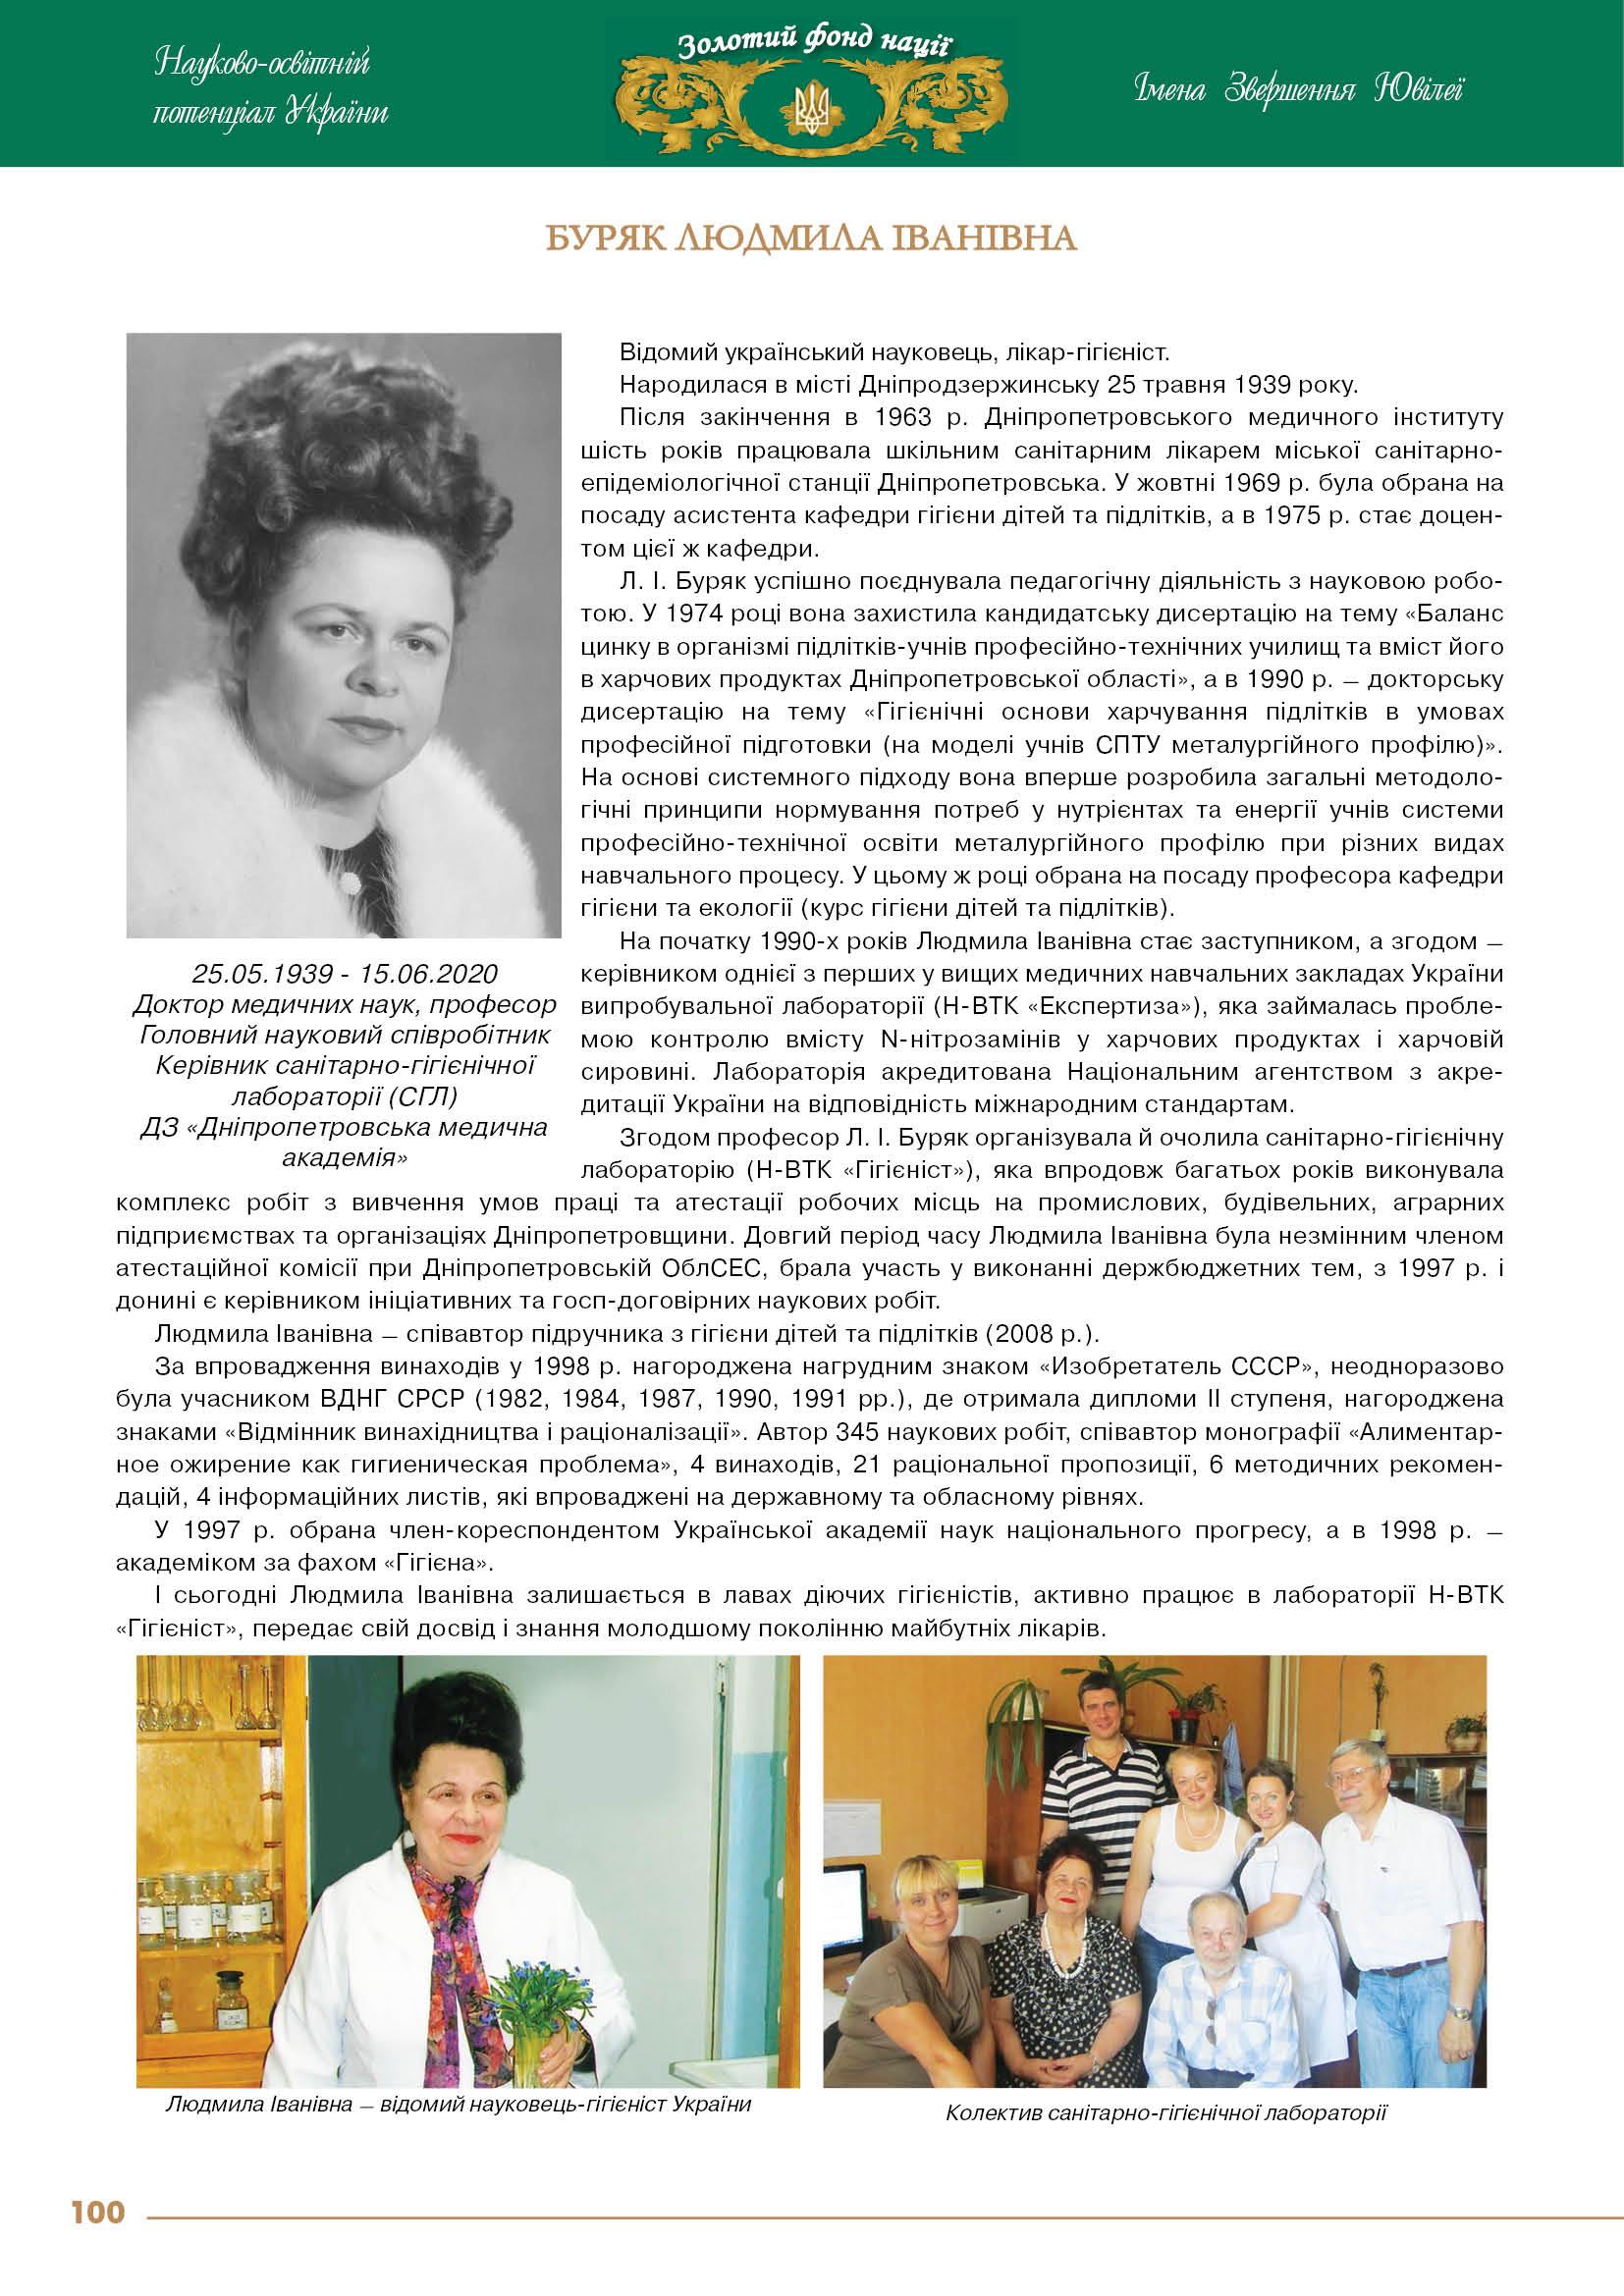 Буряк Людмила Іванівна